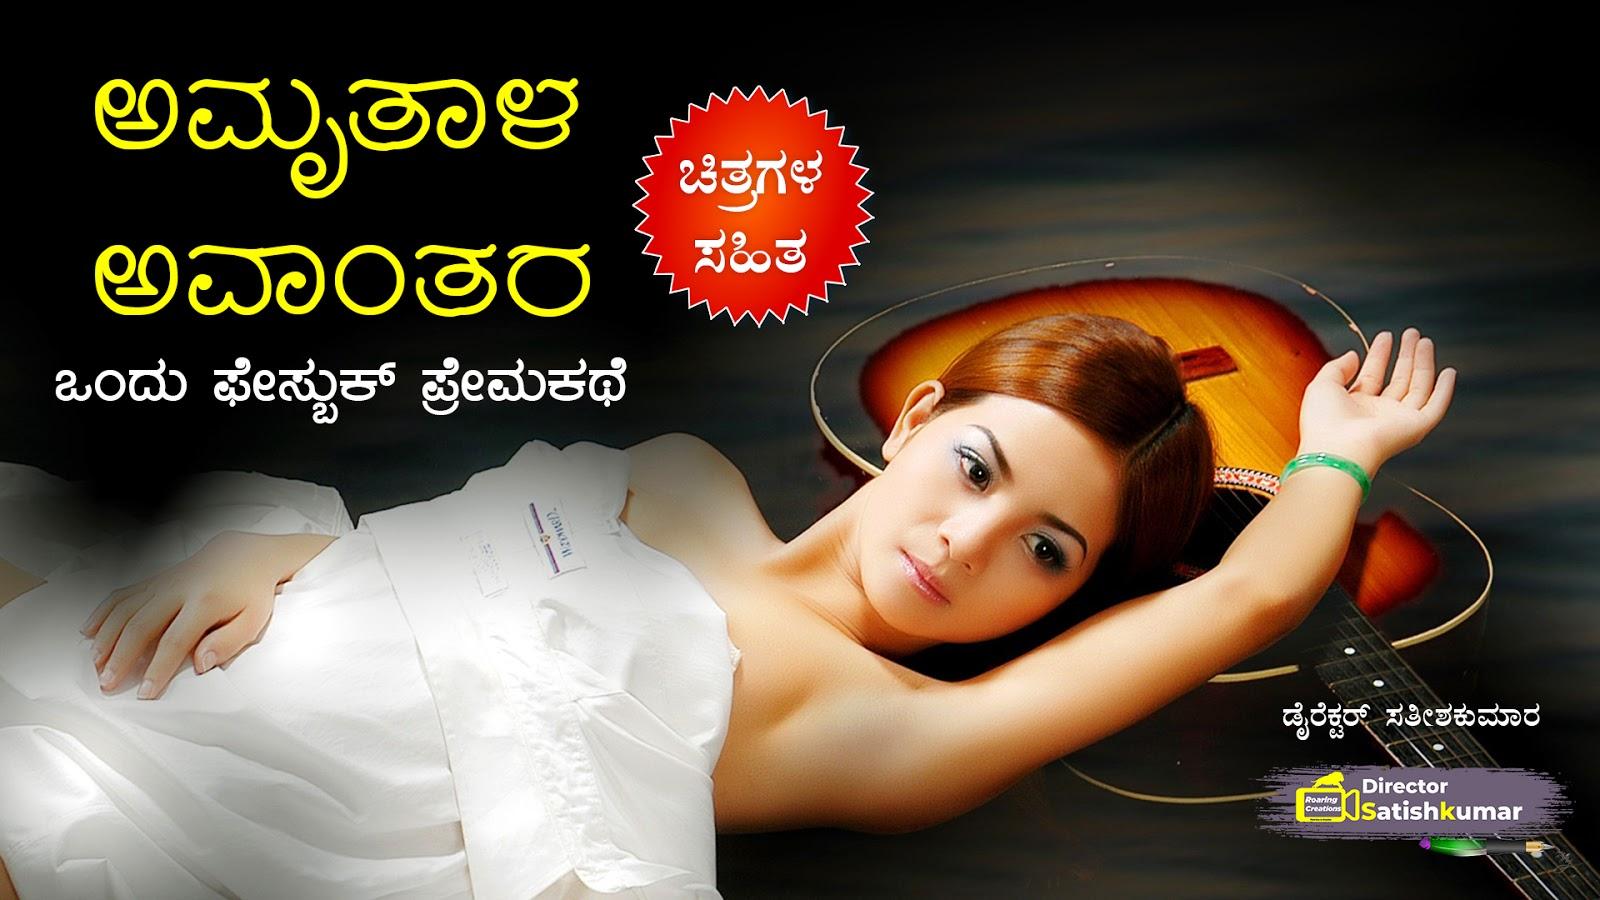 ಅಮೃತಾಳ ಅವಾಂತರ : ಒಂದು ಫೇಸ್ಬುಕ್ ಪ್ರೇಮಕಥೆ - Kannada Love Story - Love Stories in Kannada